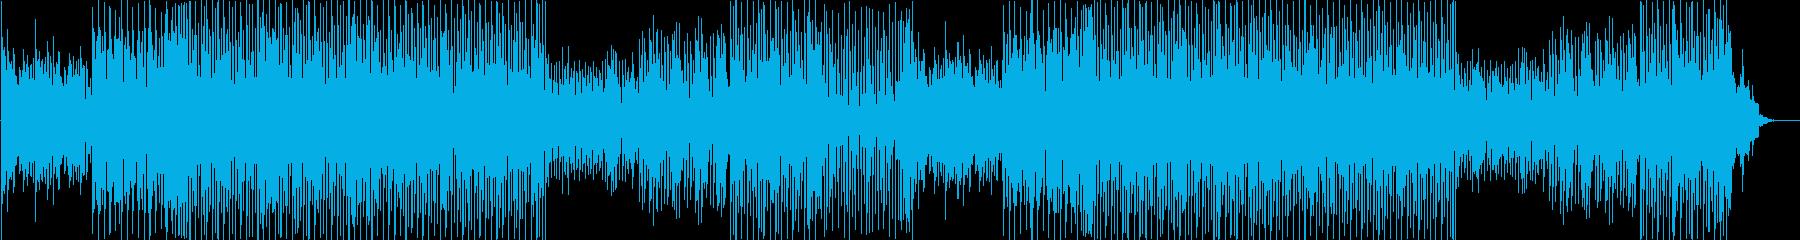 ダンサンブルなスウィングジャズの曲です。の再生済みの波形